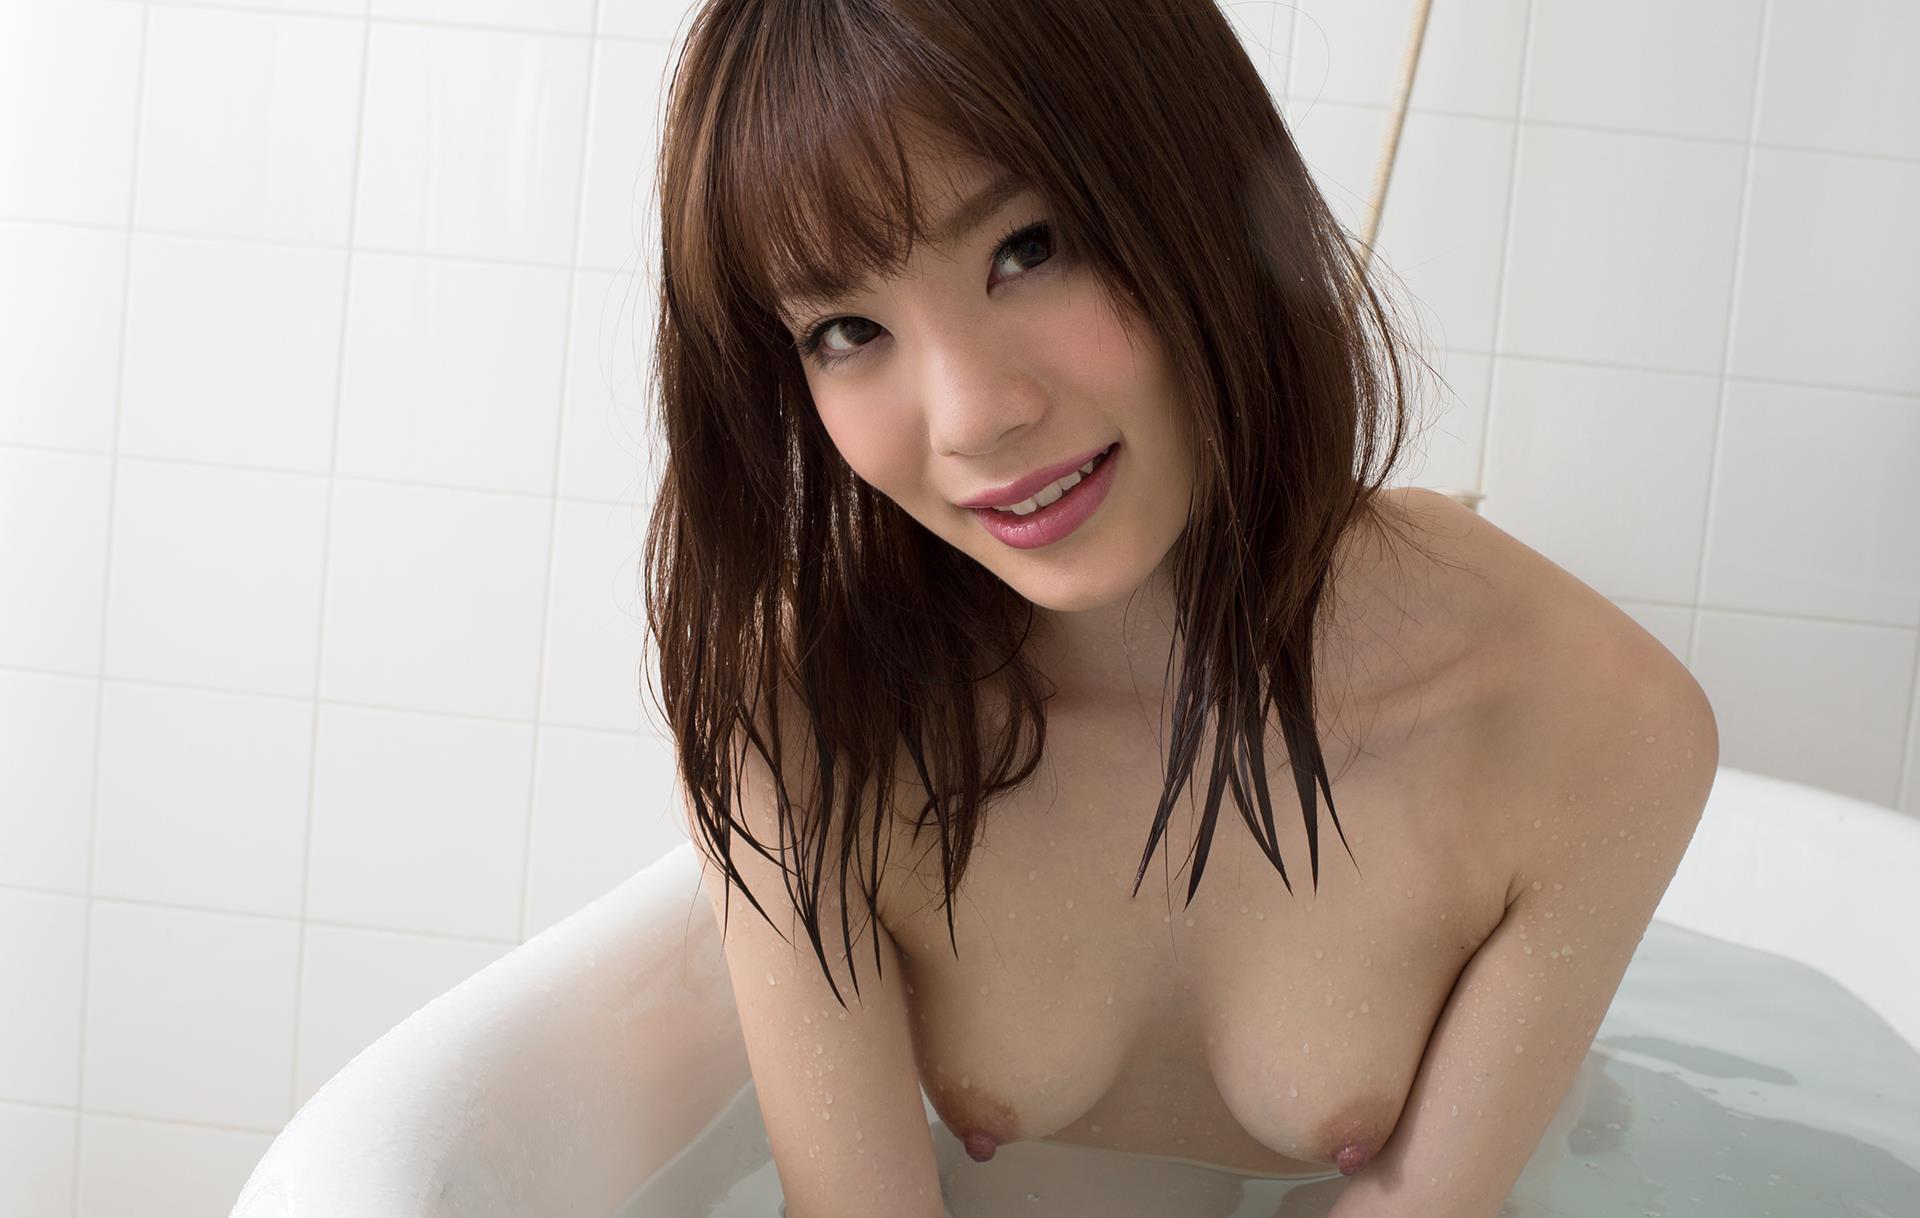 鈴村あいり 画像 114